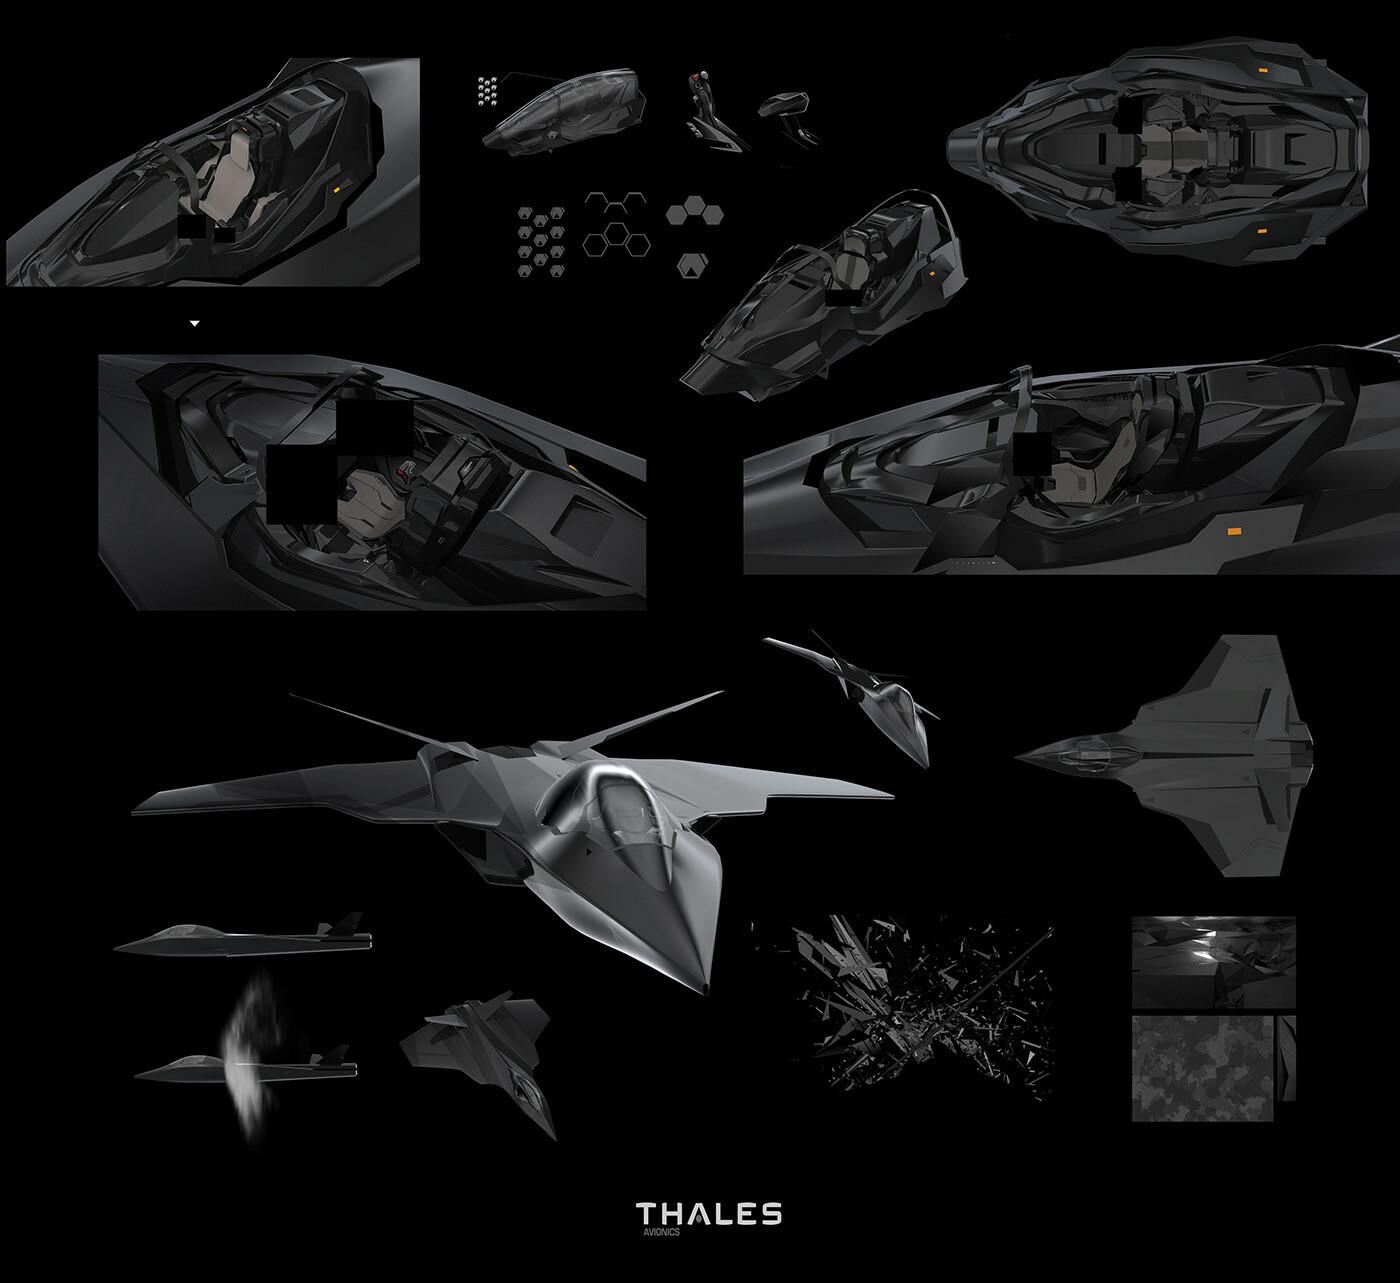 Thales Avionics